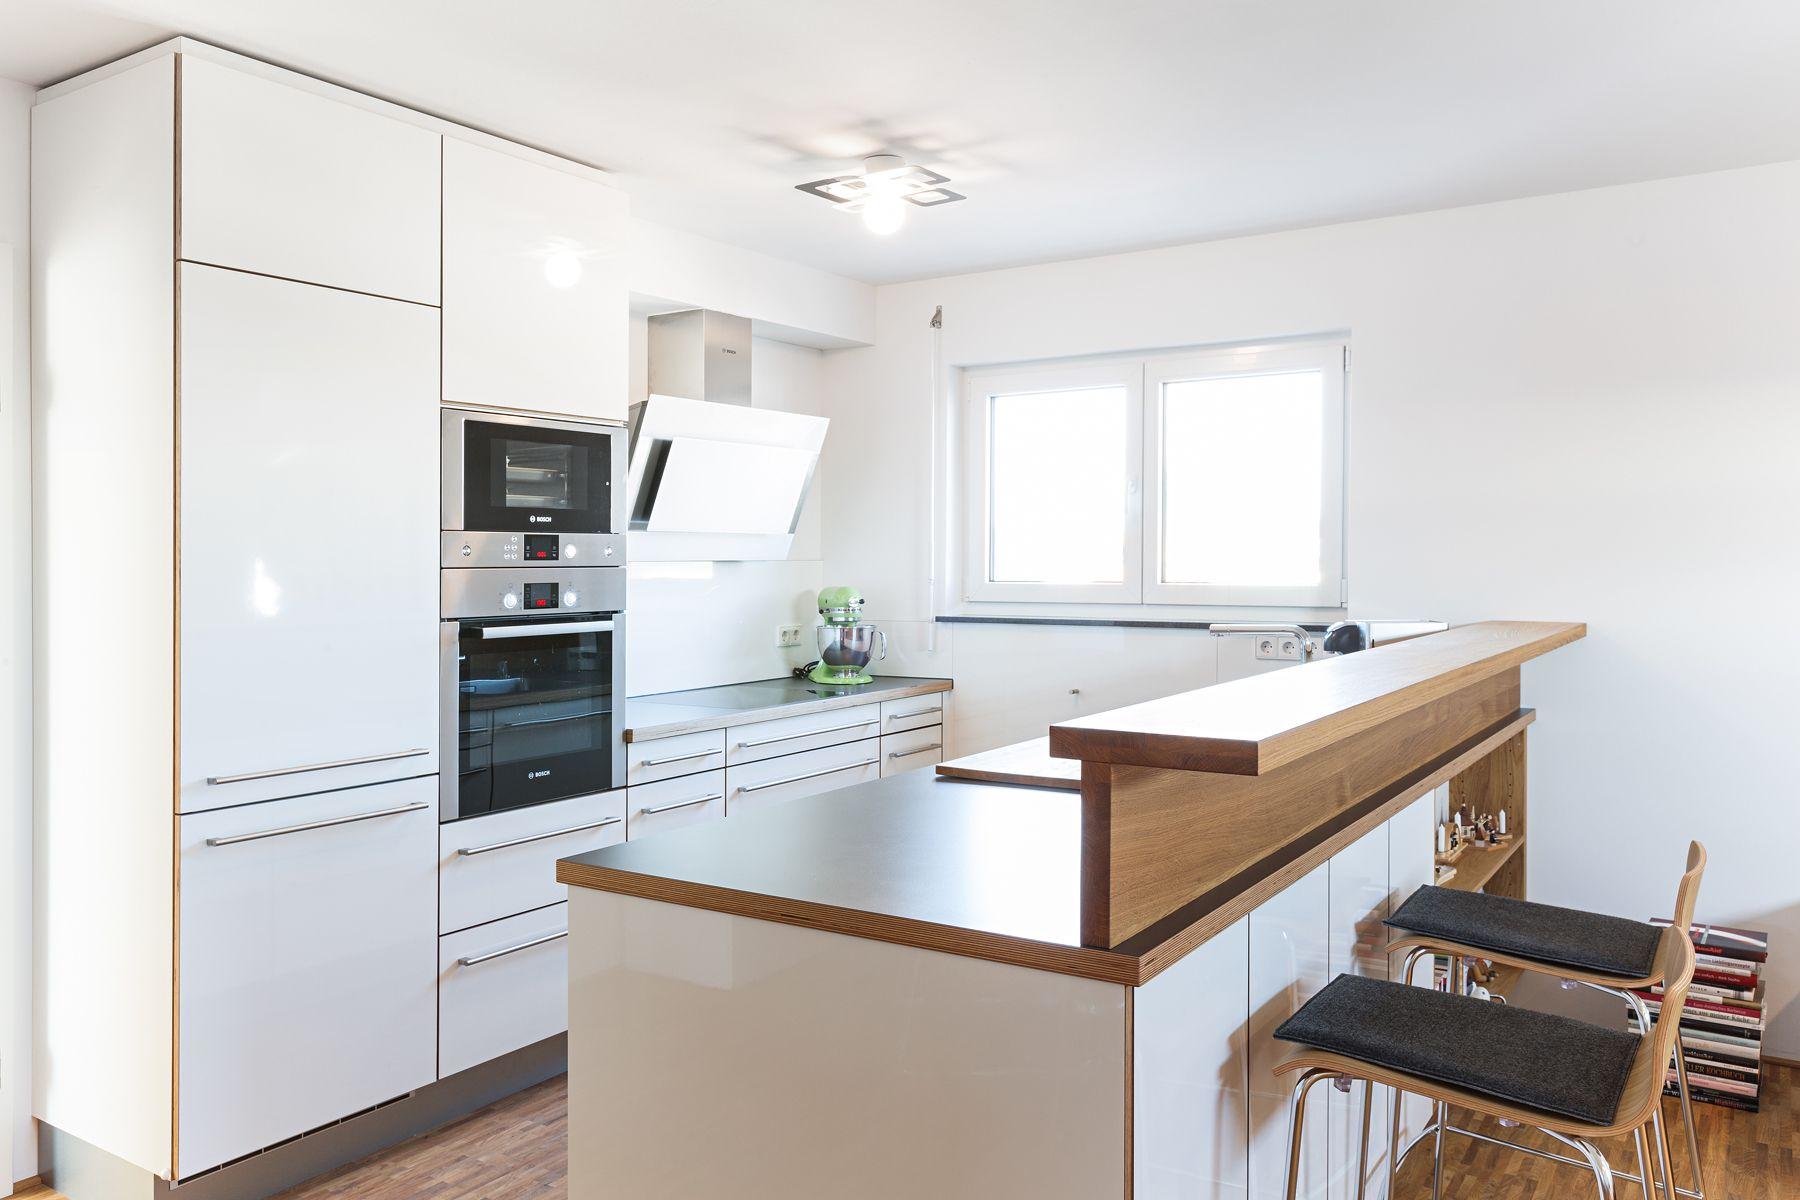 Dunkle Küchenarbeitsplatten in Kombination mit weißen Fronten sind